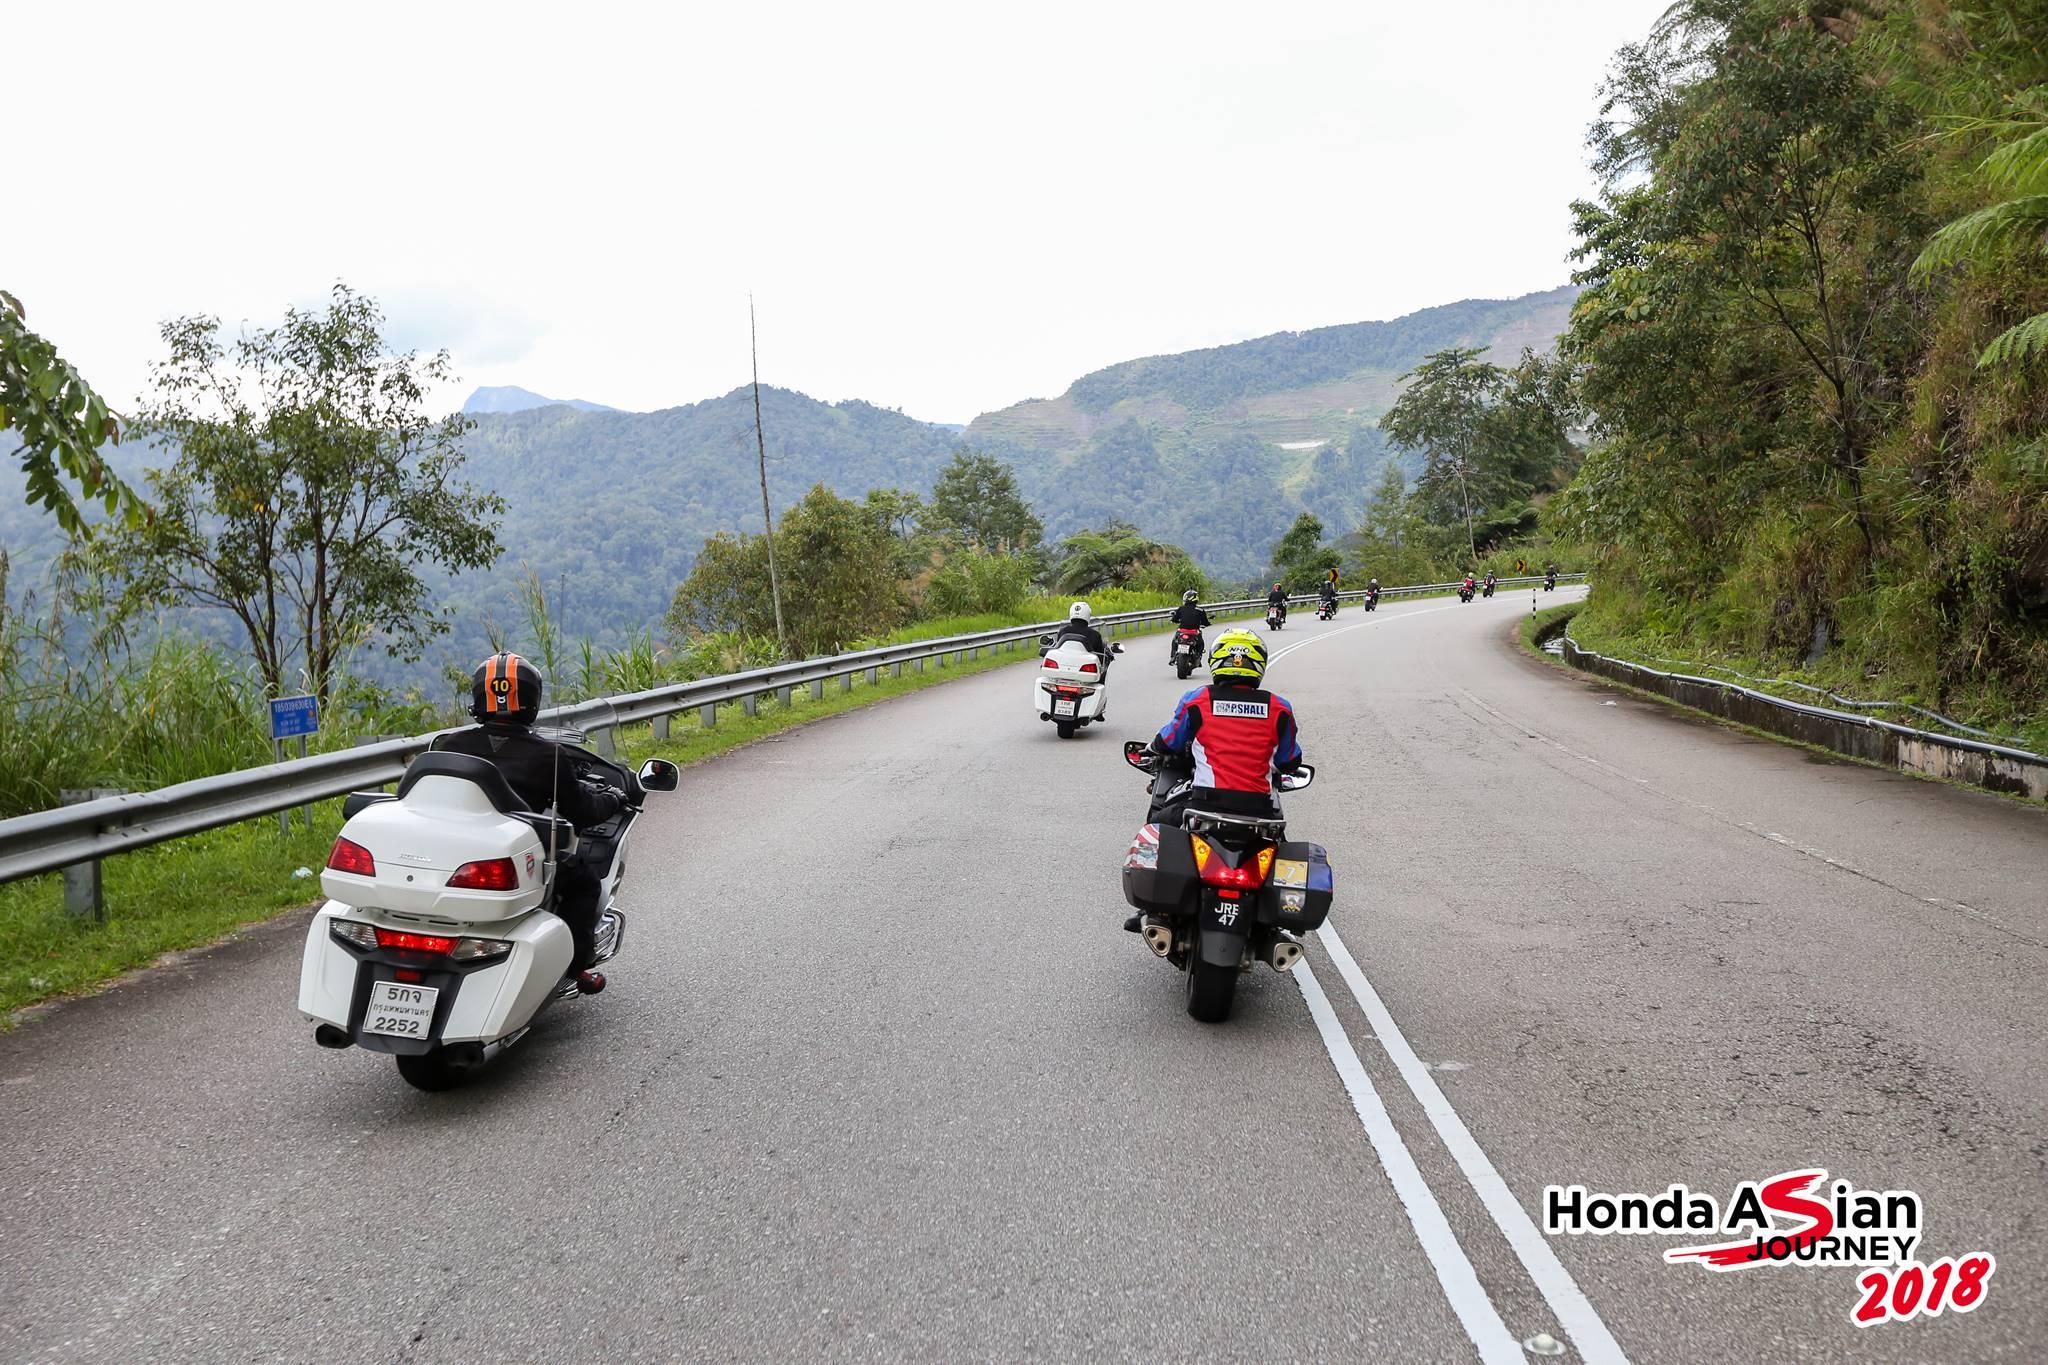 honda-asian-journey-2018-xe-tinhte-029.jpg